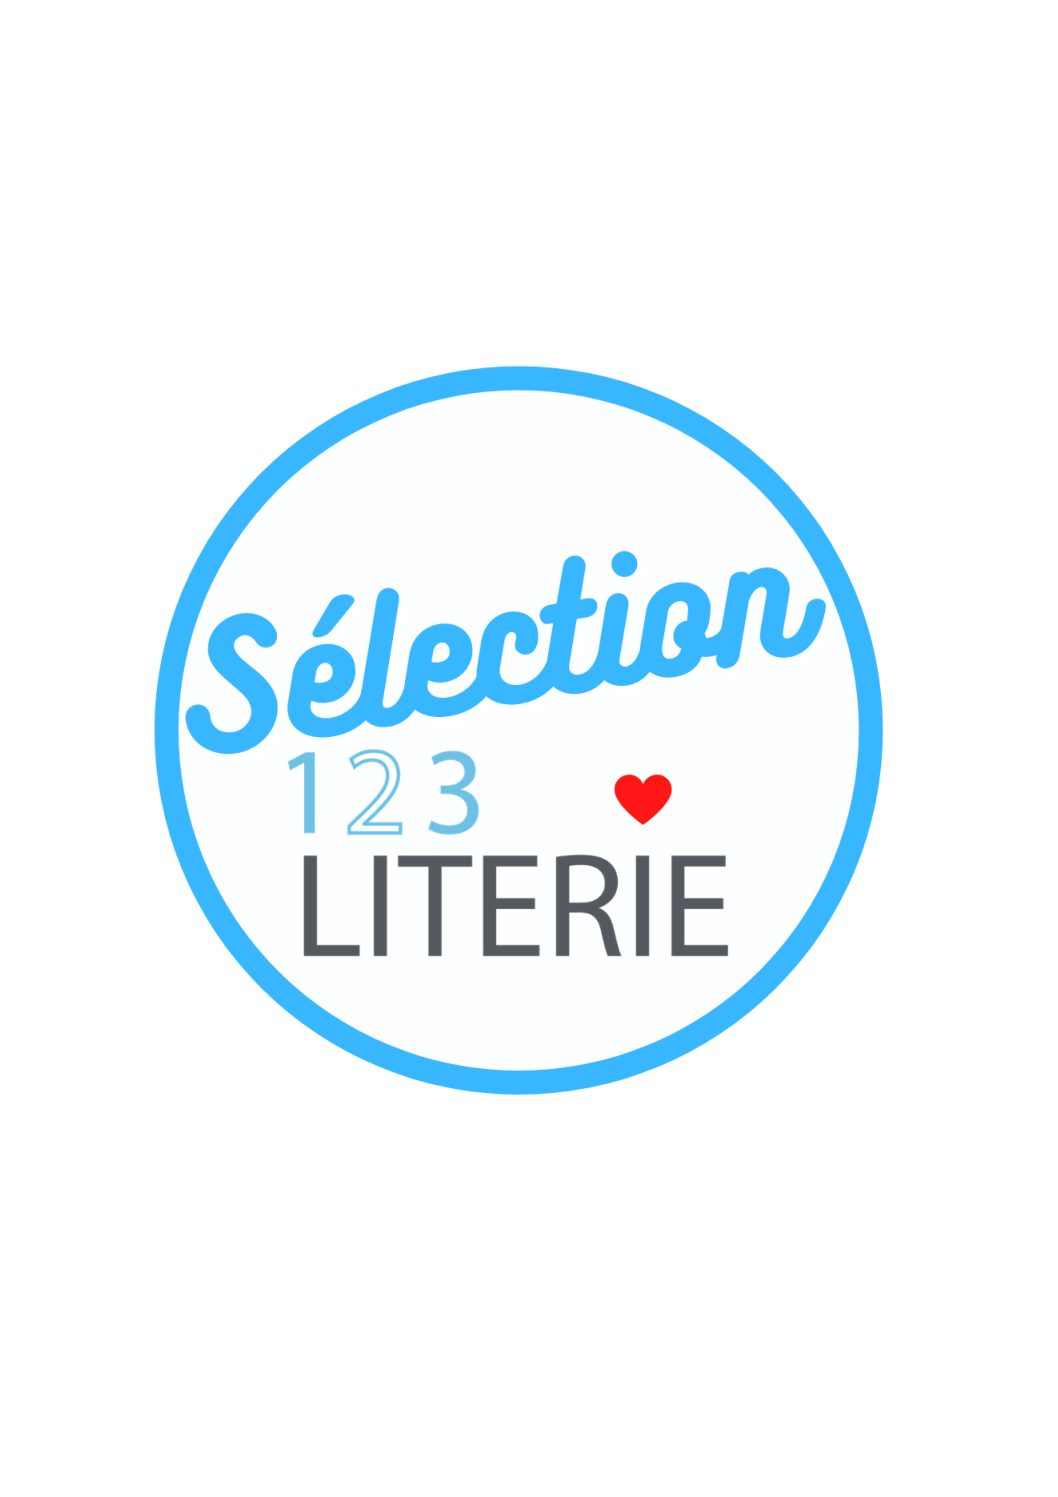 Sélection 123Literie